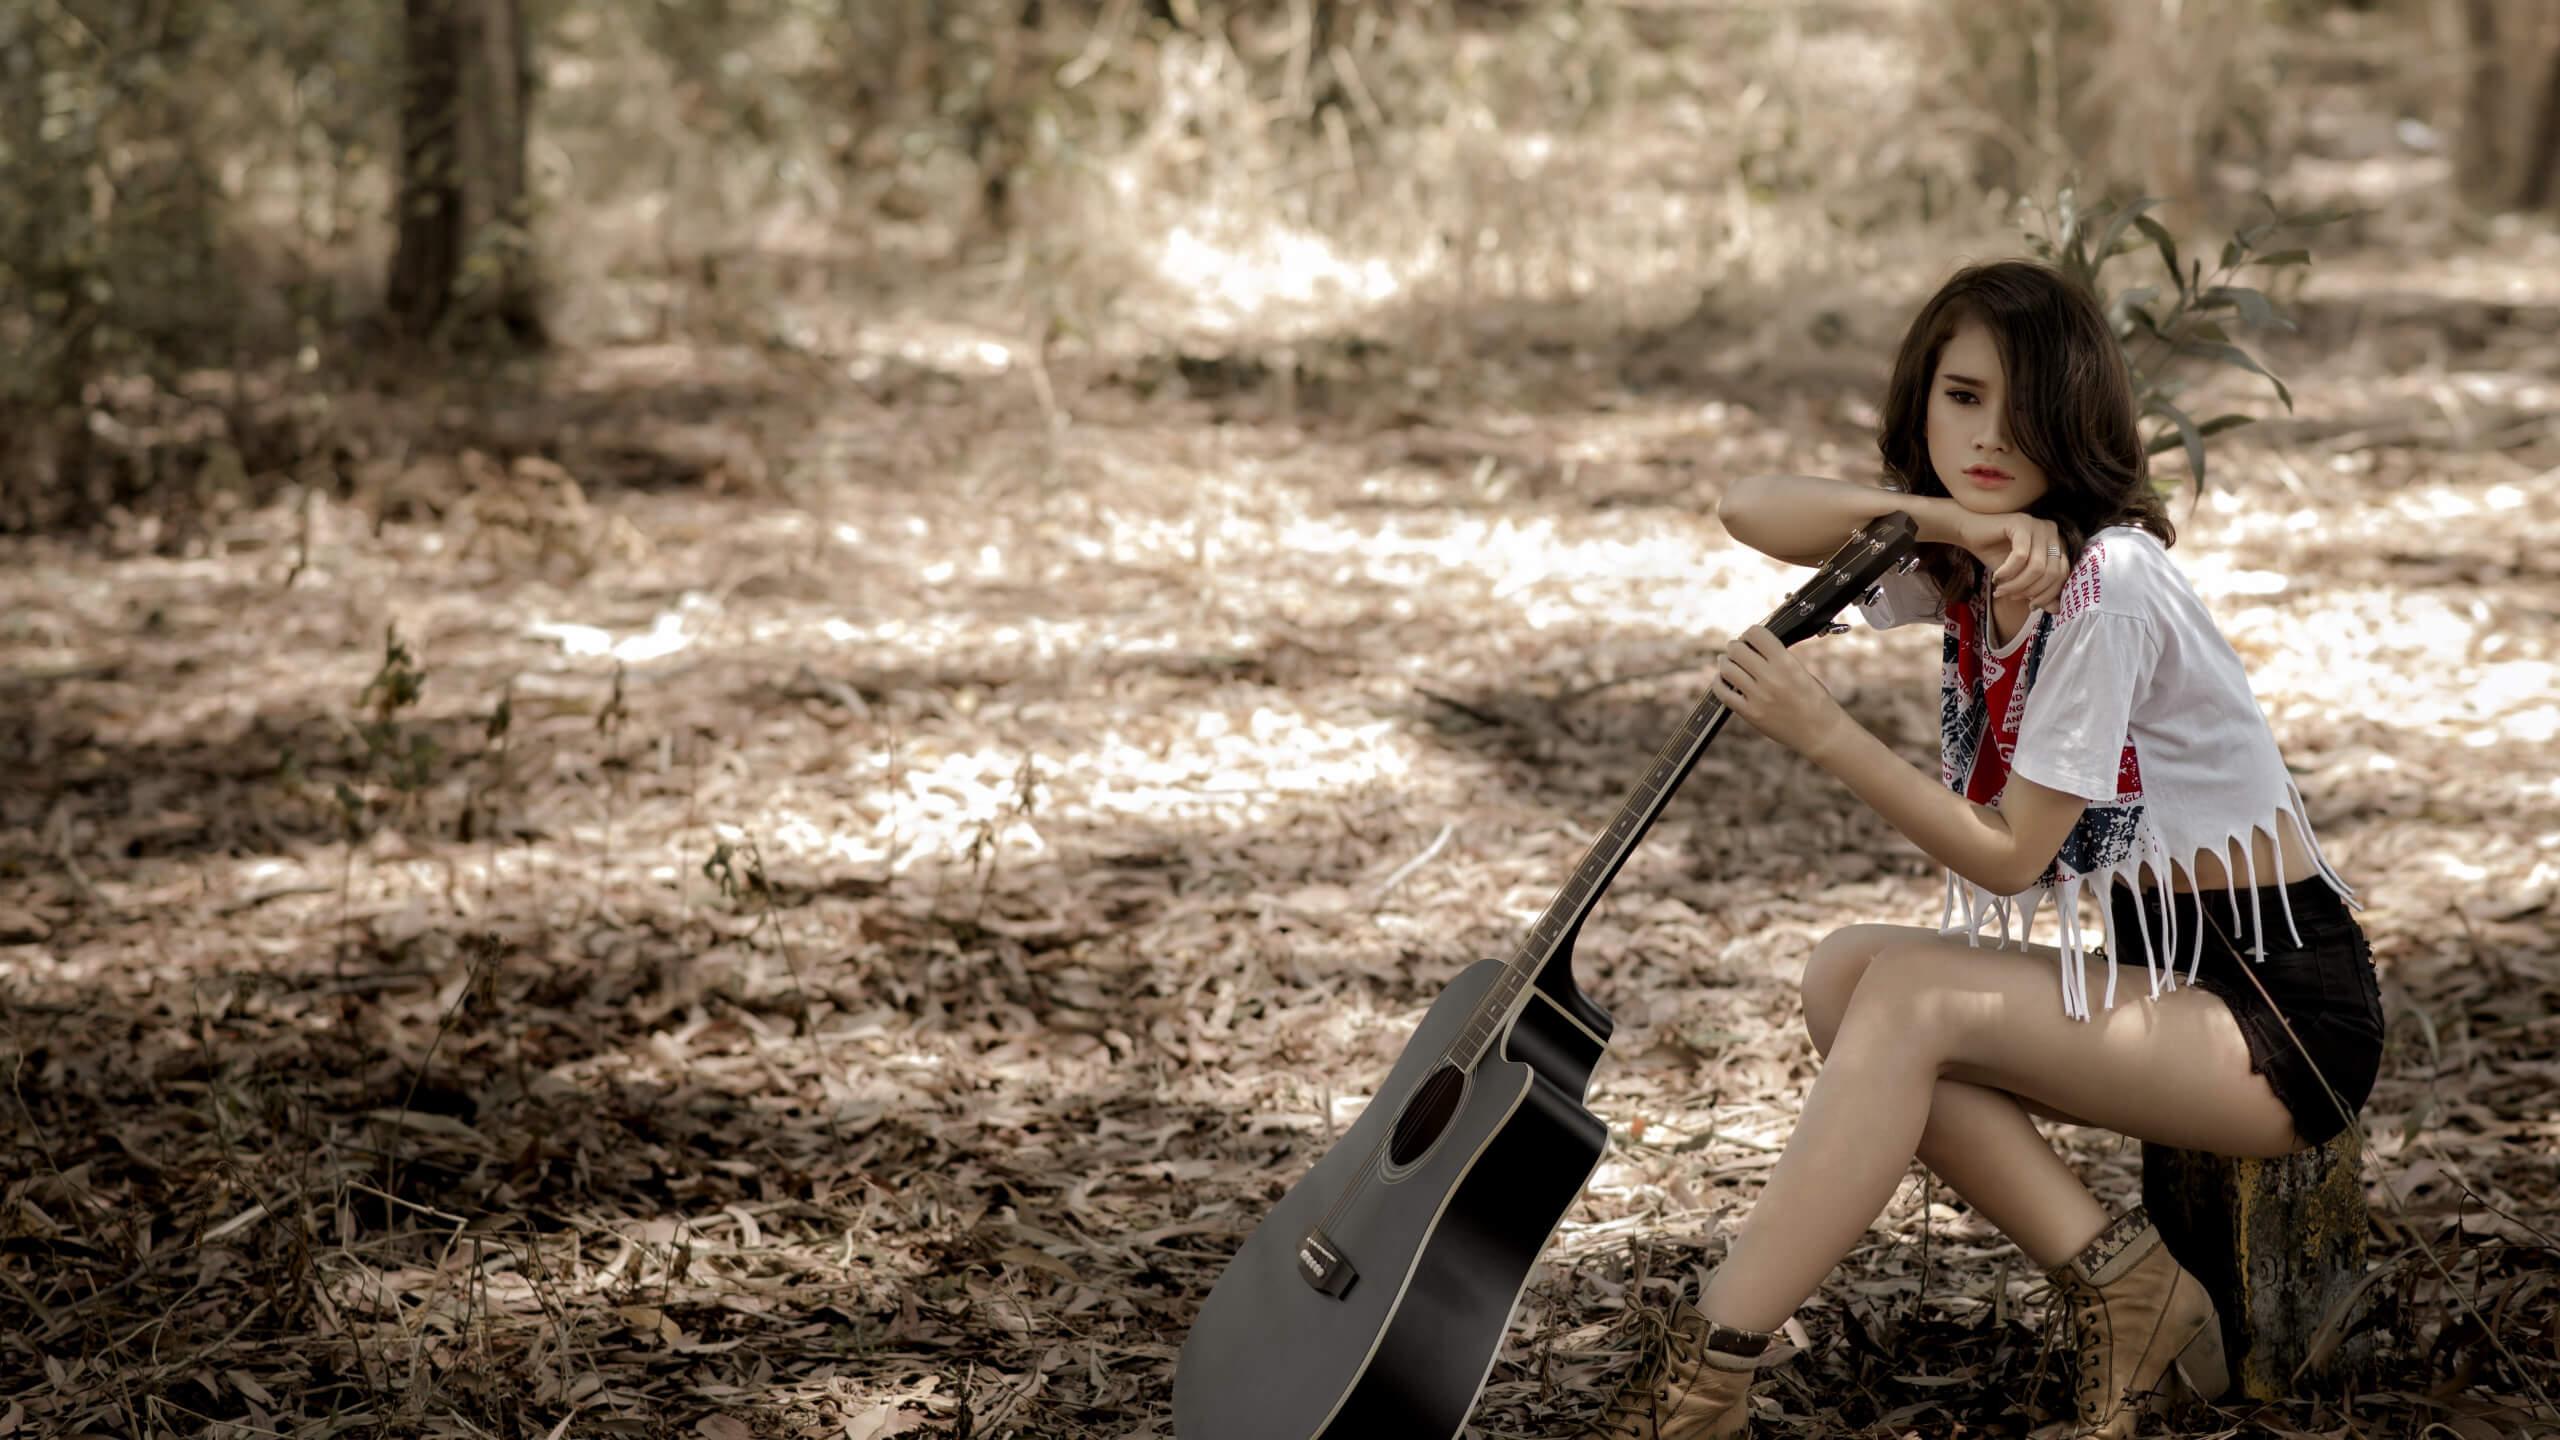 Прикольные картинки девушка и музыка, лучшие обои, фото (26 штук) 8